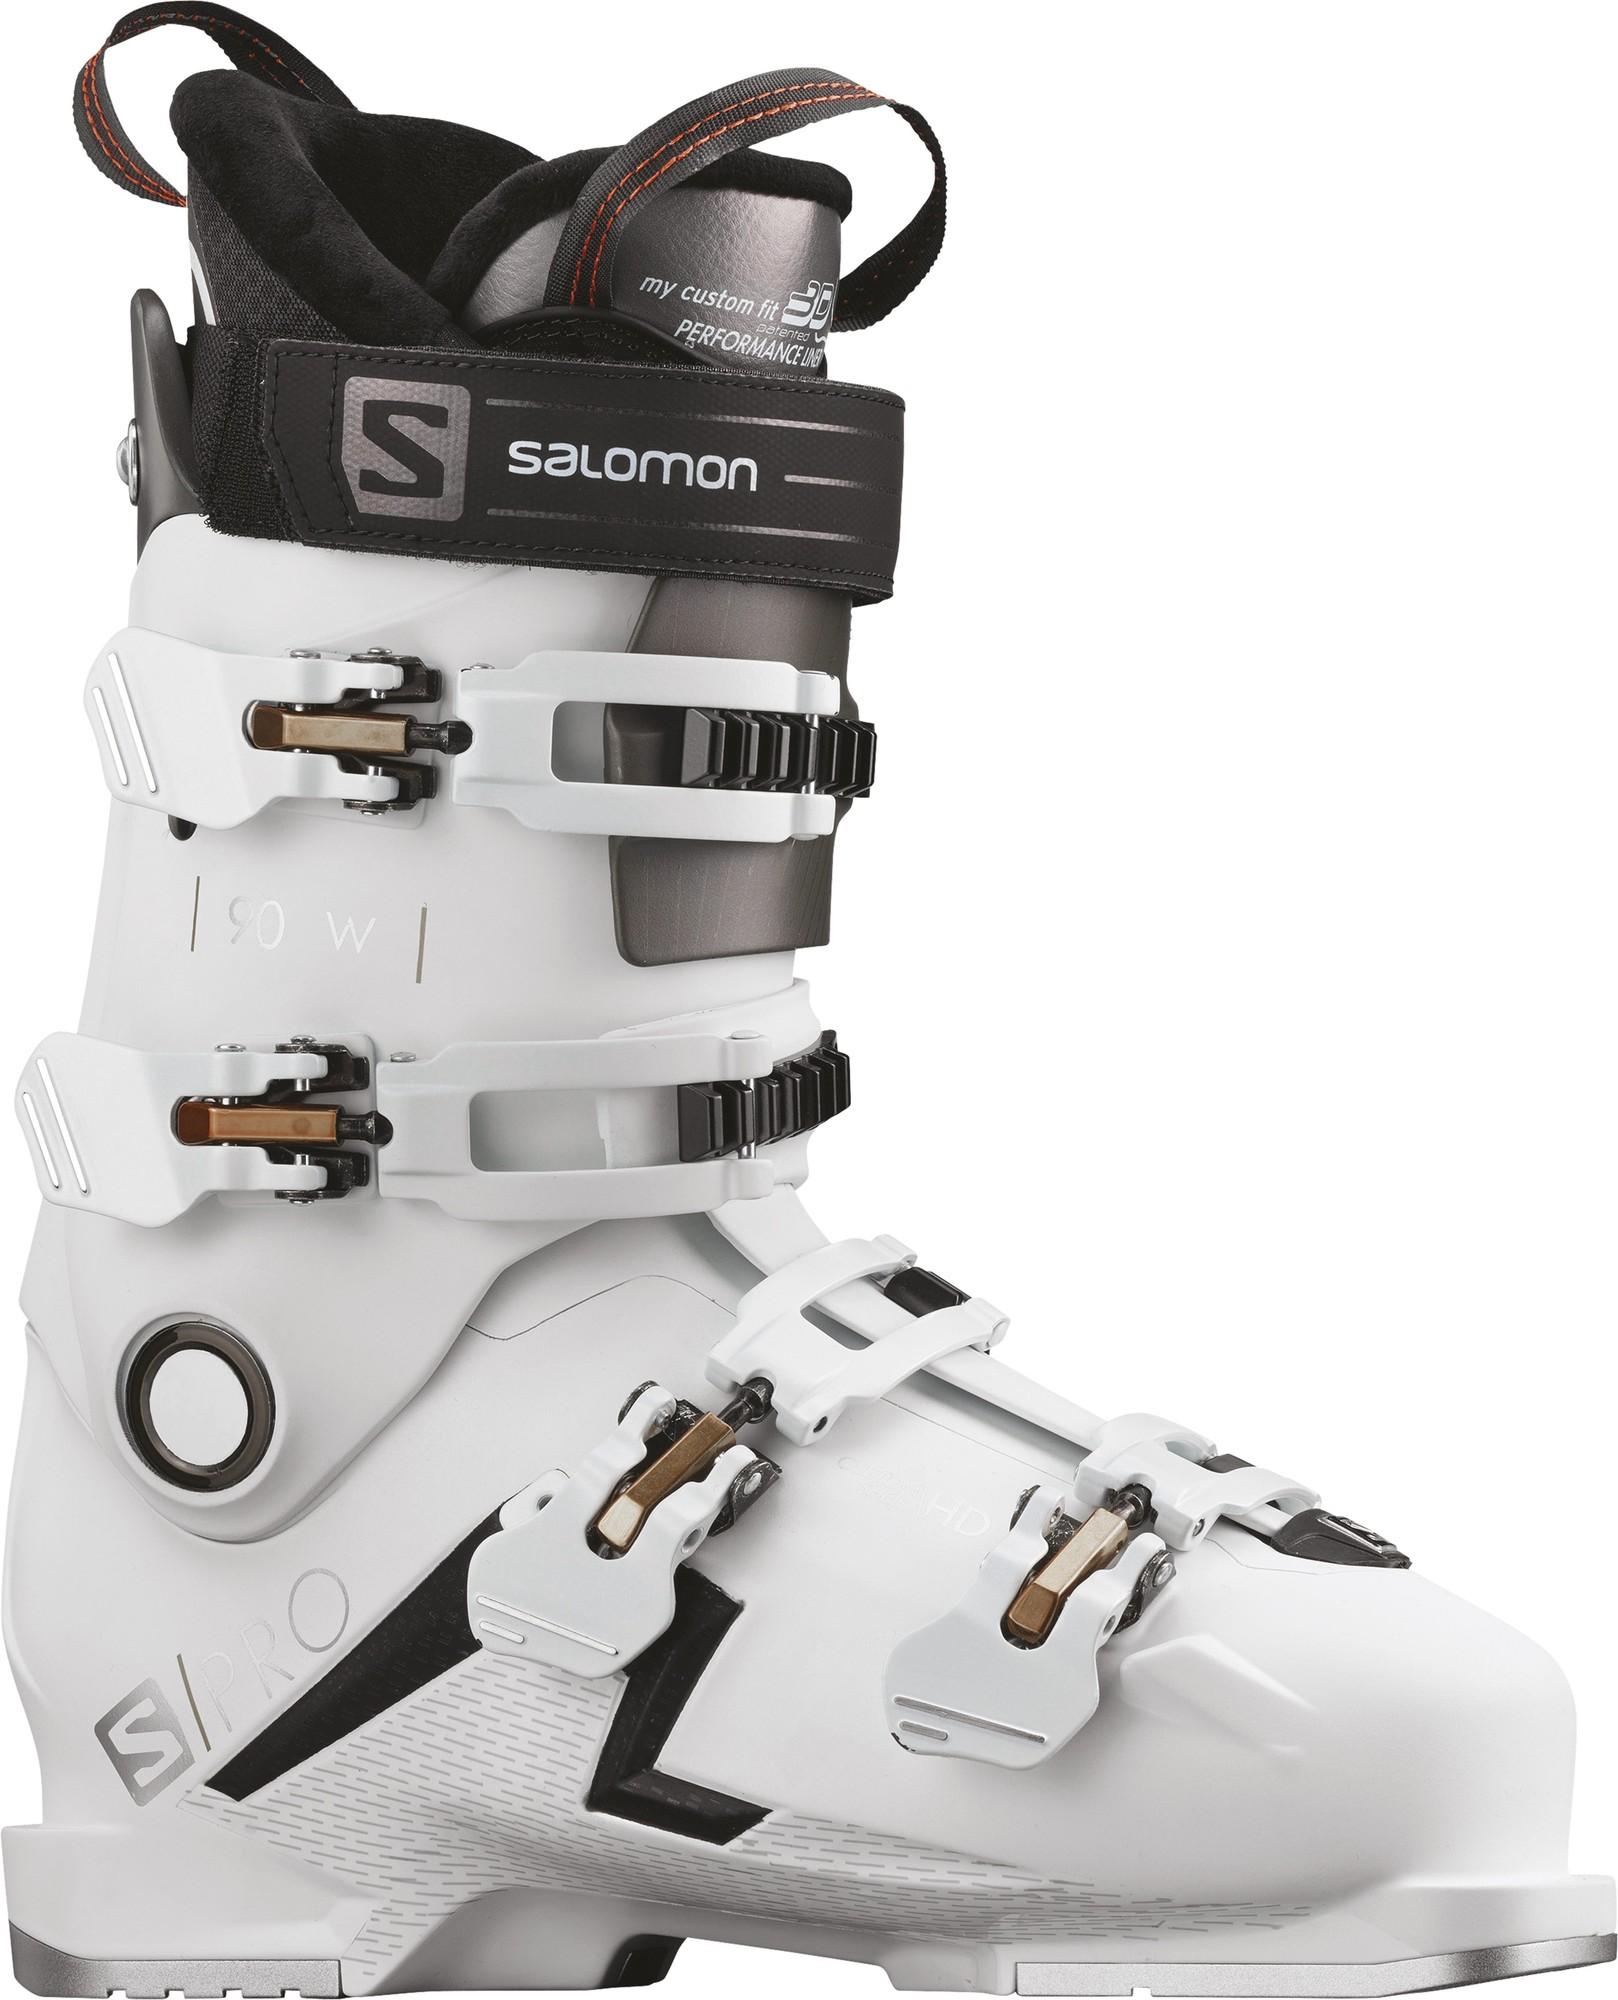 Salomon Ботинки горнолыжные женские Salomon S/PRO 90, размер 26 см цена